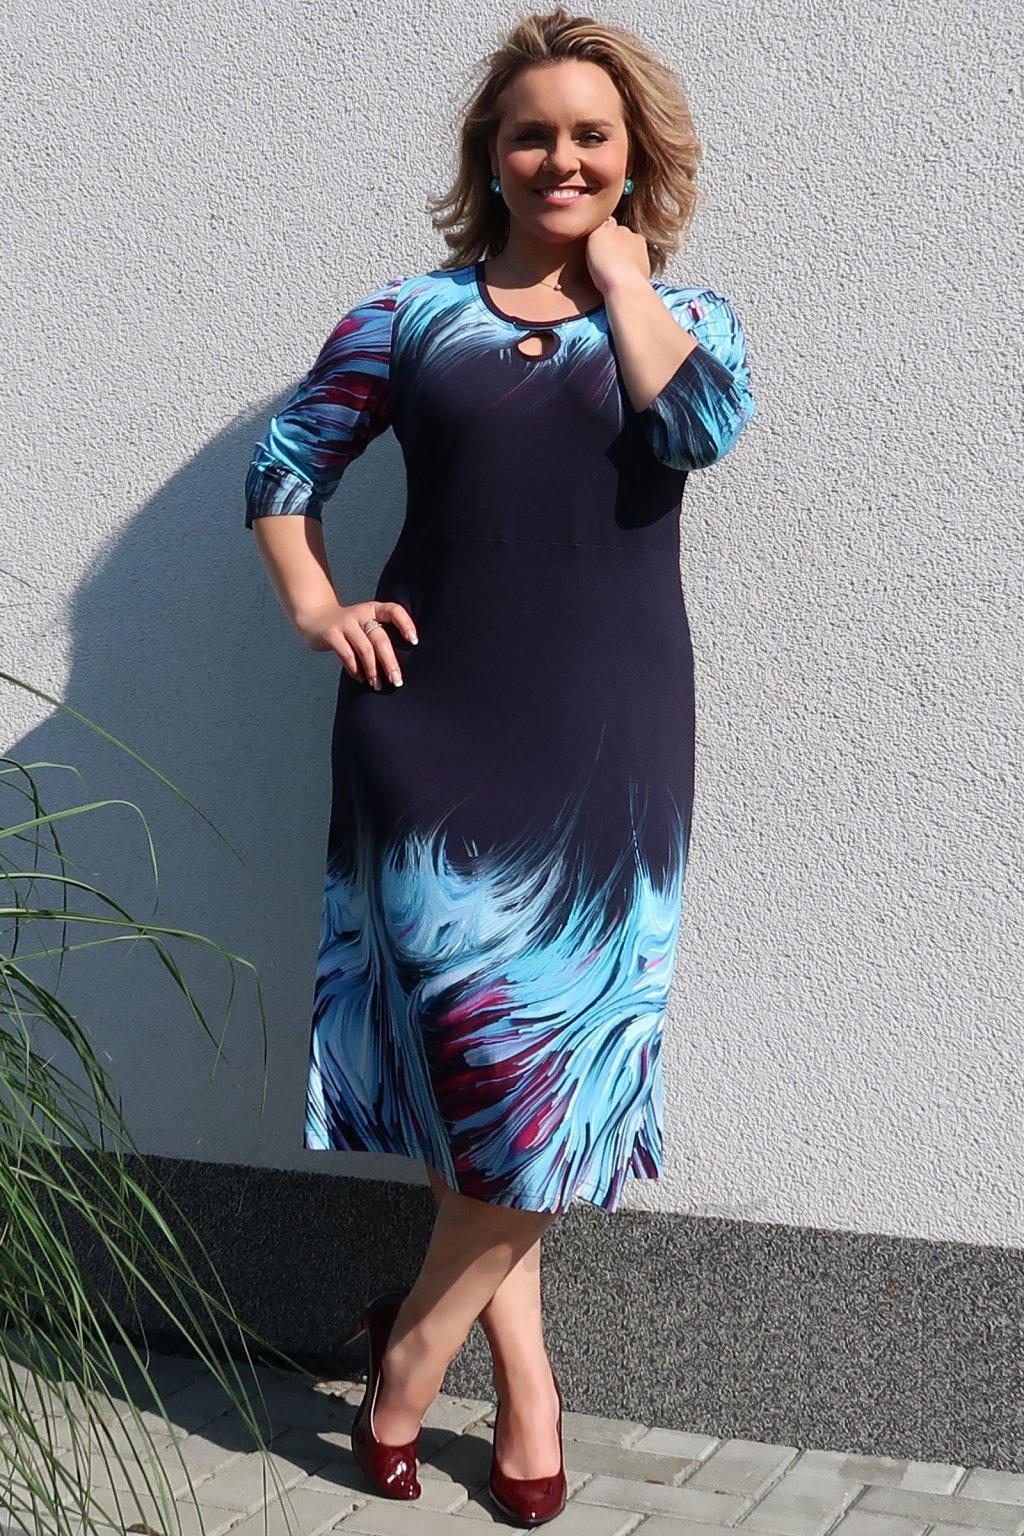 Lucie šaty (1) pro web33